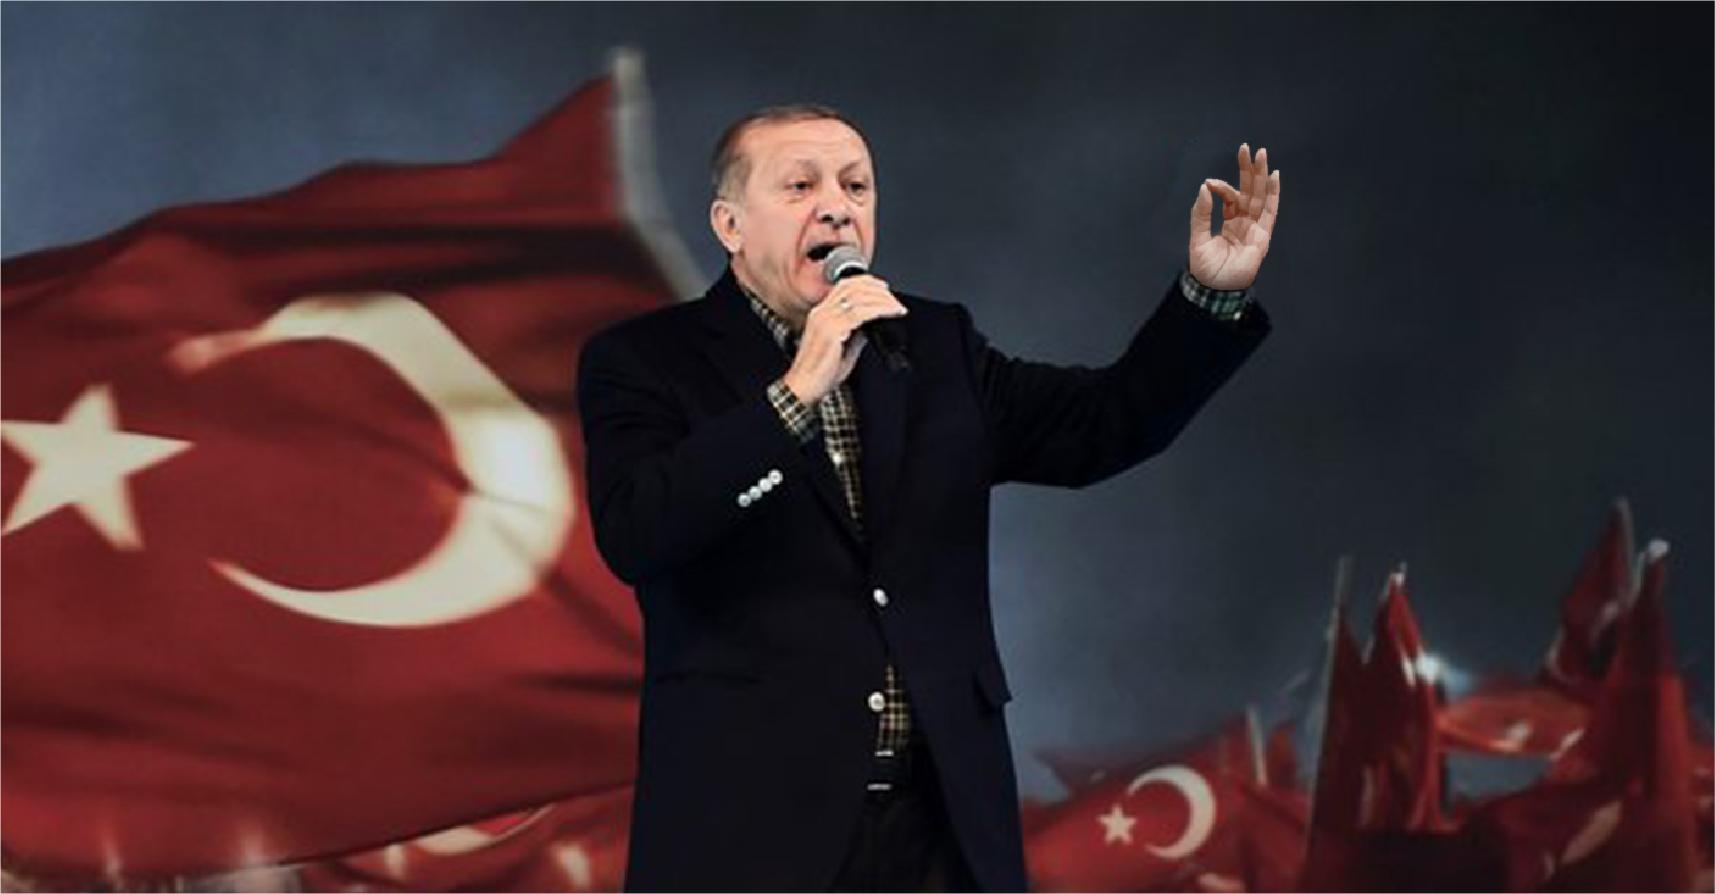 صورة أردوغان يتوعد بإنشاء اتحاد تركي ومنع الأوروبيين من الانضمام إليه